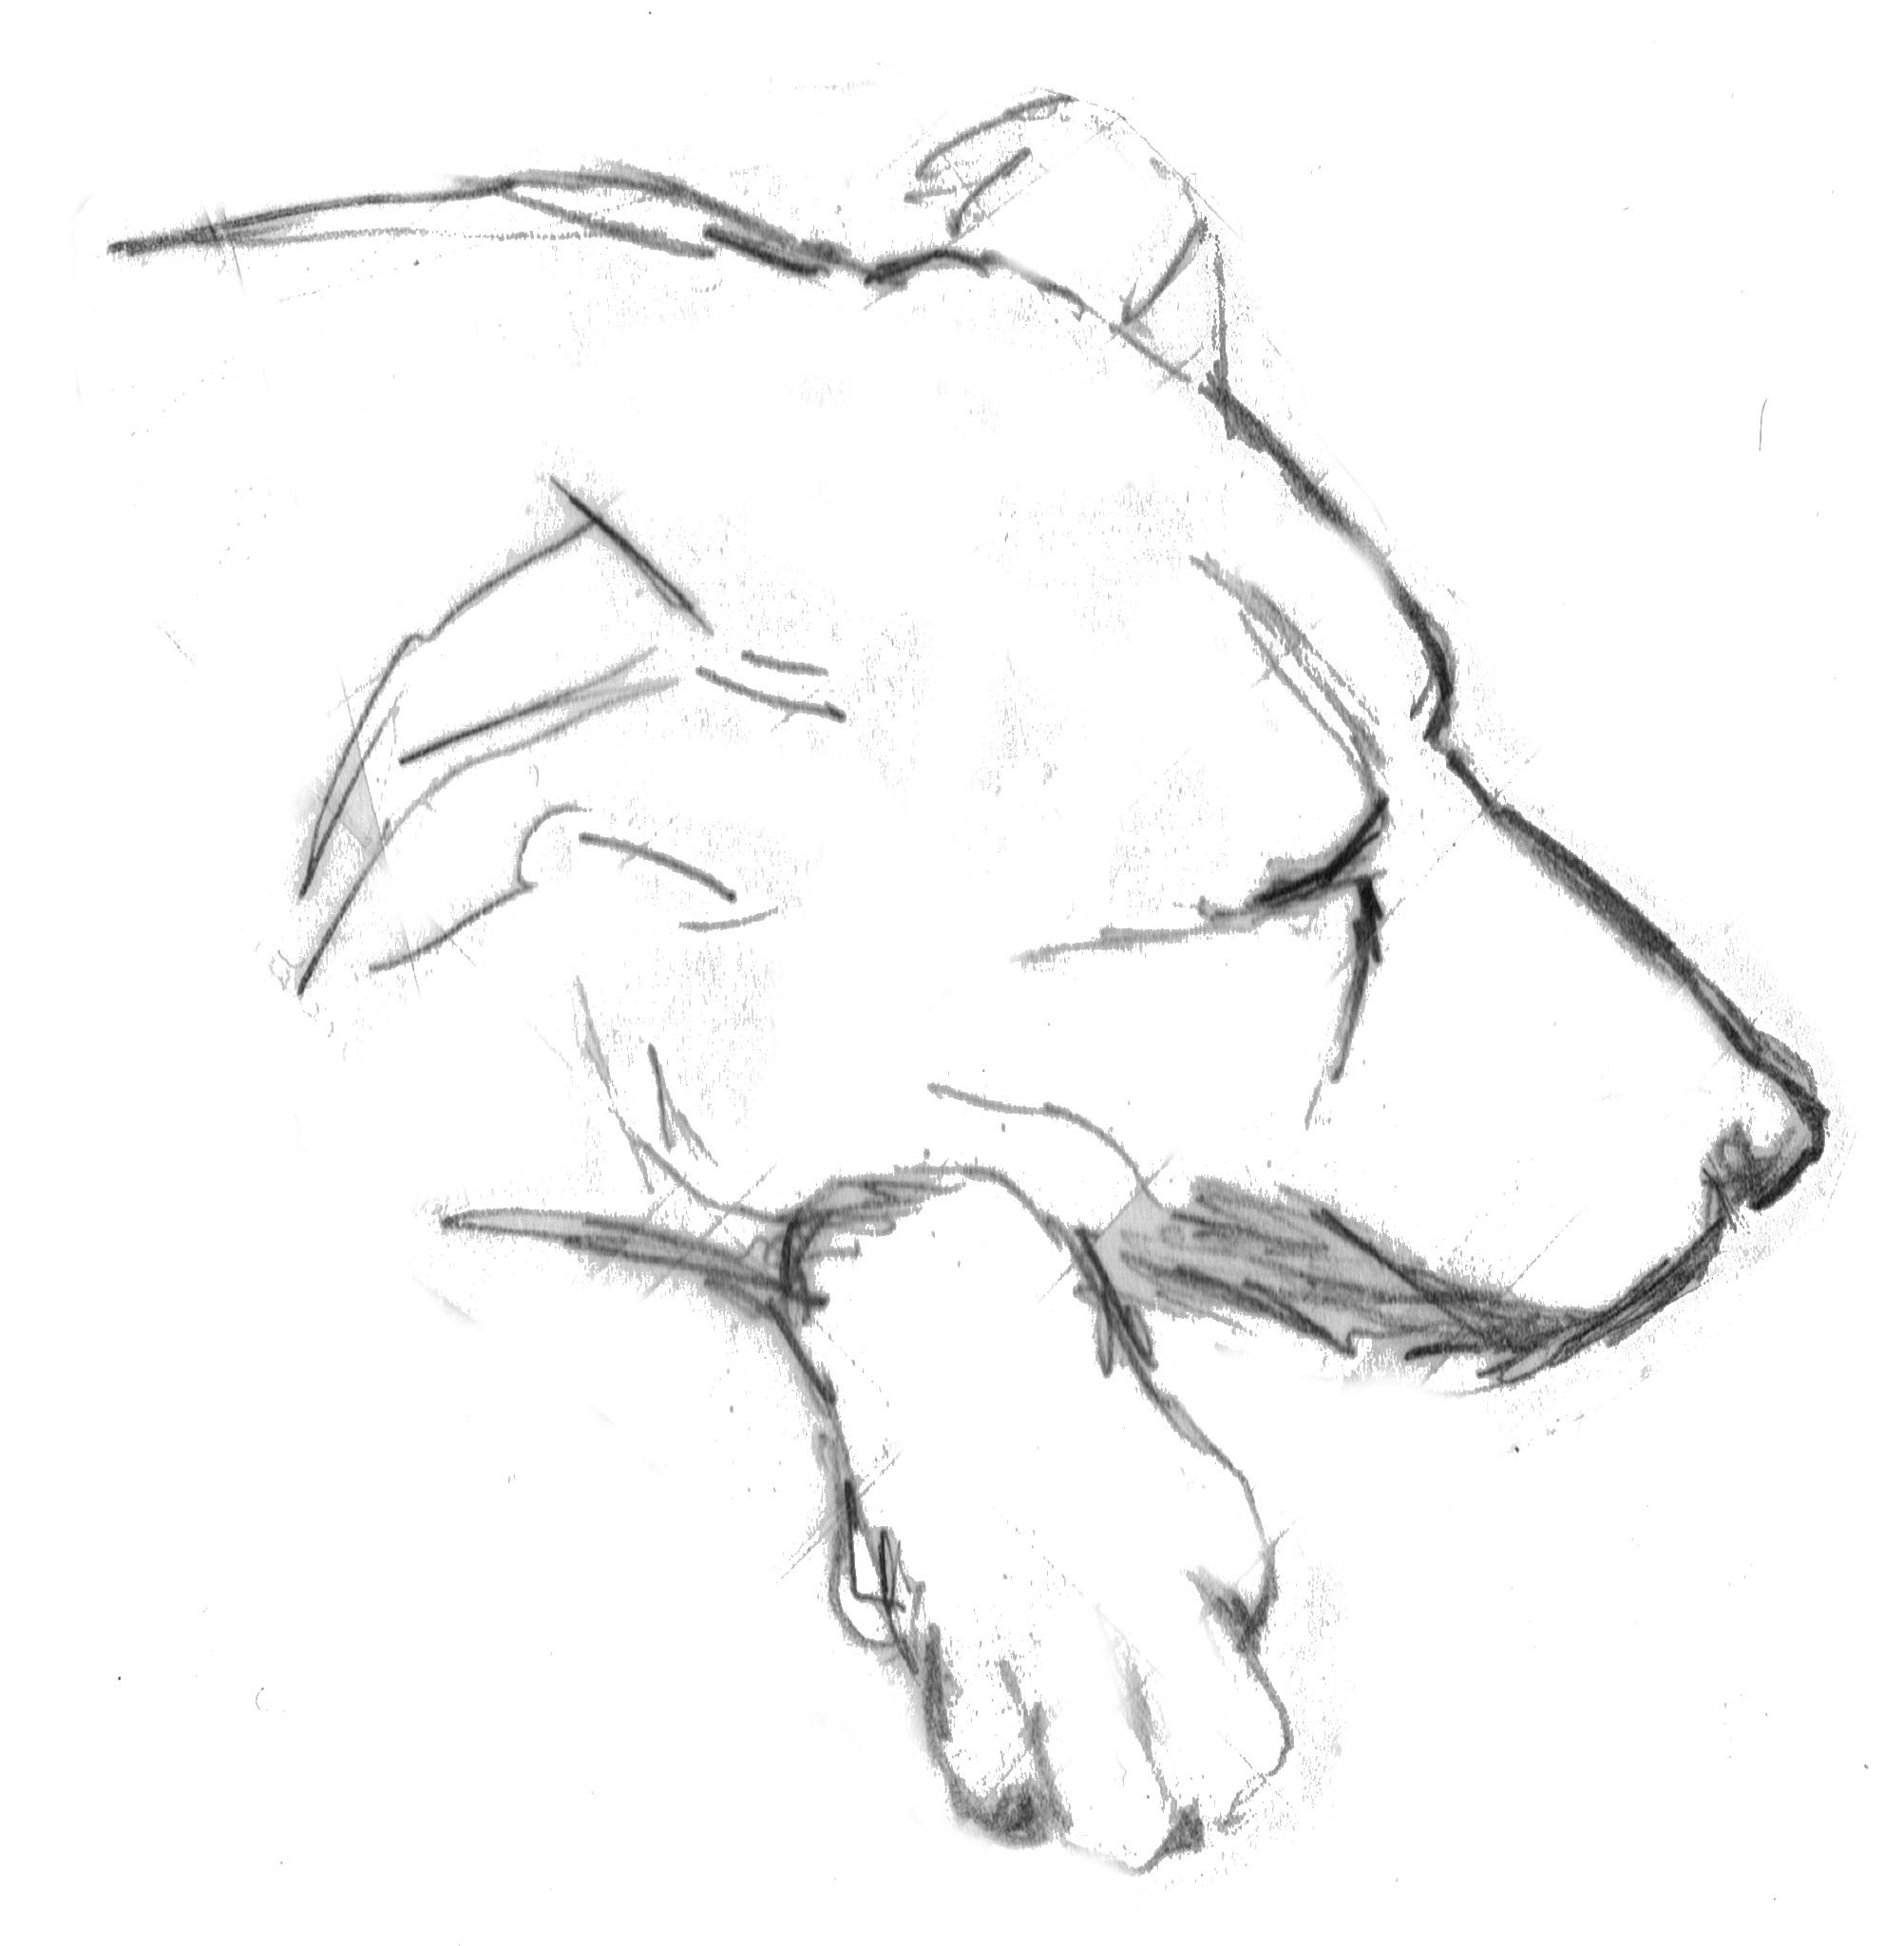 Gambar Tangan Hitam Dan Putih Hewan Membelai Satu Warna